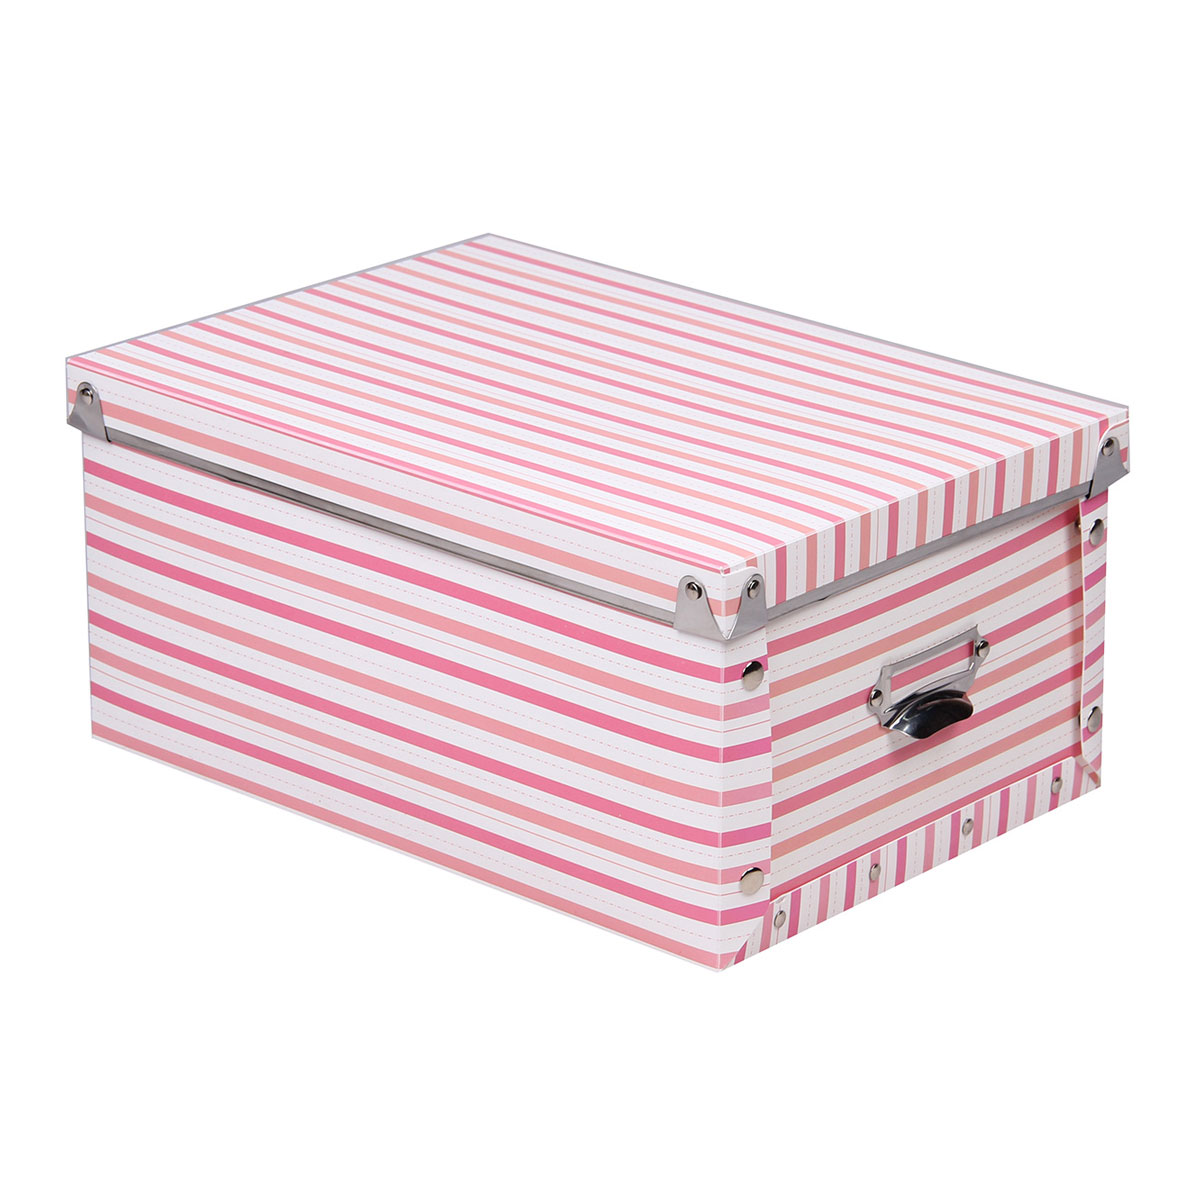 Короб для xранения Miolla, 22,5 x 13,5 x 13 см. SBС-01SBС-01Удобный и практичный короб Miolla идеально подойдет для хранения бумаг, канцелярских принадлежностей и любых других мелочей. Удобная крышка защитит ваши вещи от пыли, а боковые ручки позволят с легкостью переносить короб с места на место.Размер: 22,5 х 13,5 х 13 см.